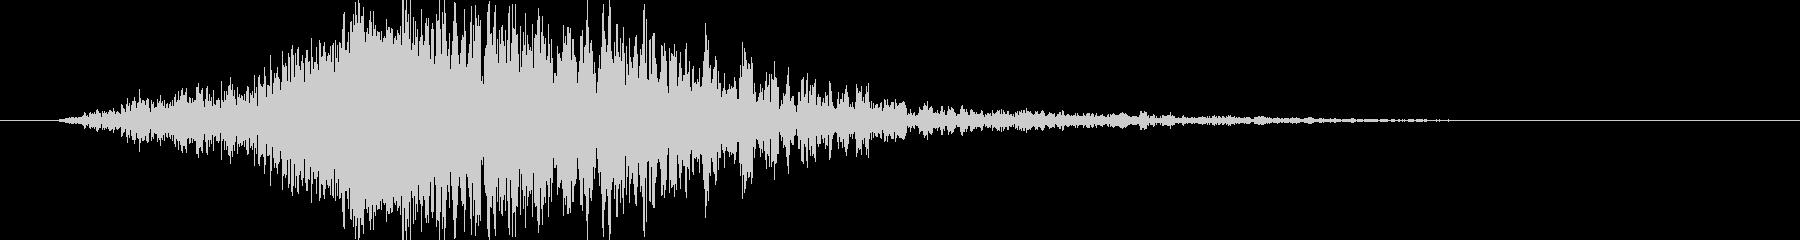 グワーンどん:迫力ある上昇する音の未再生の波形